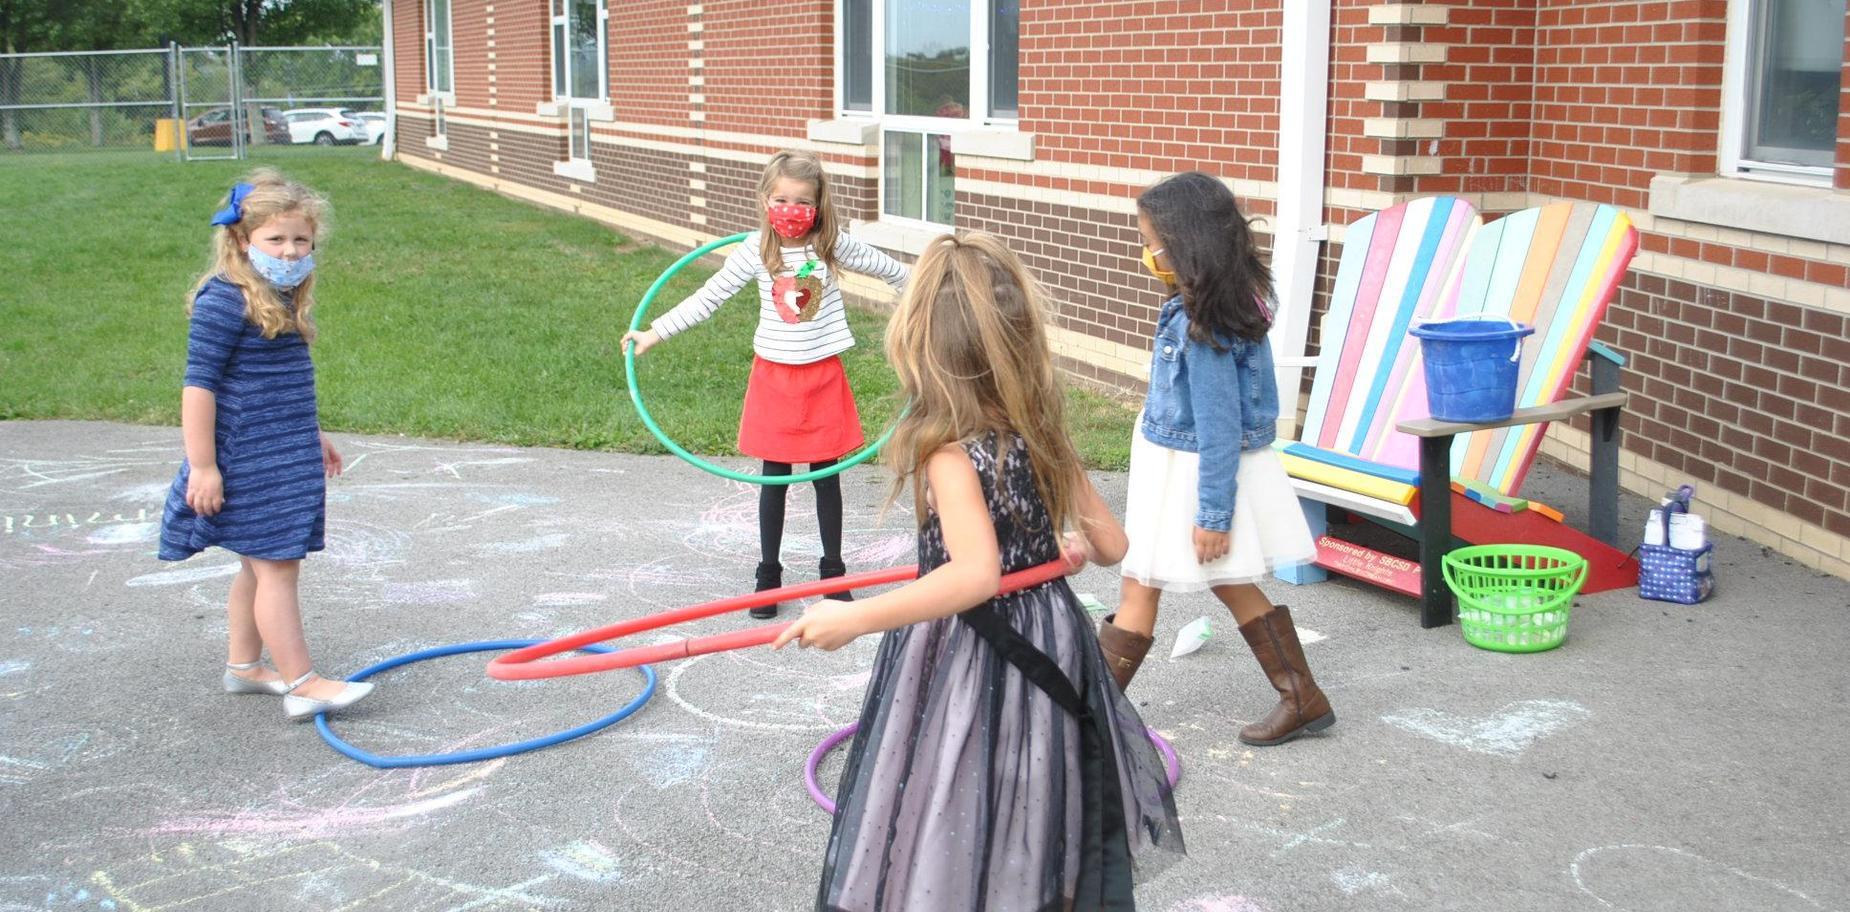 Students playing at recess